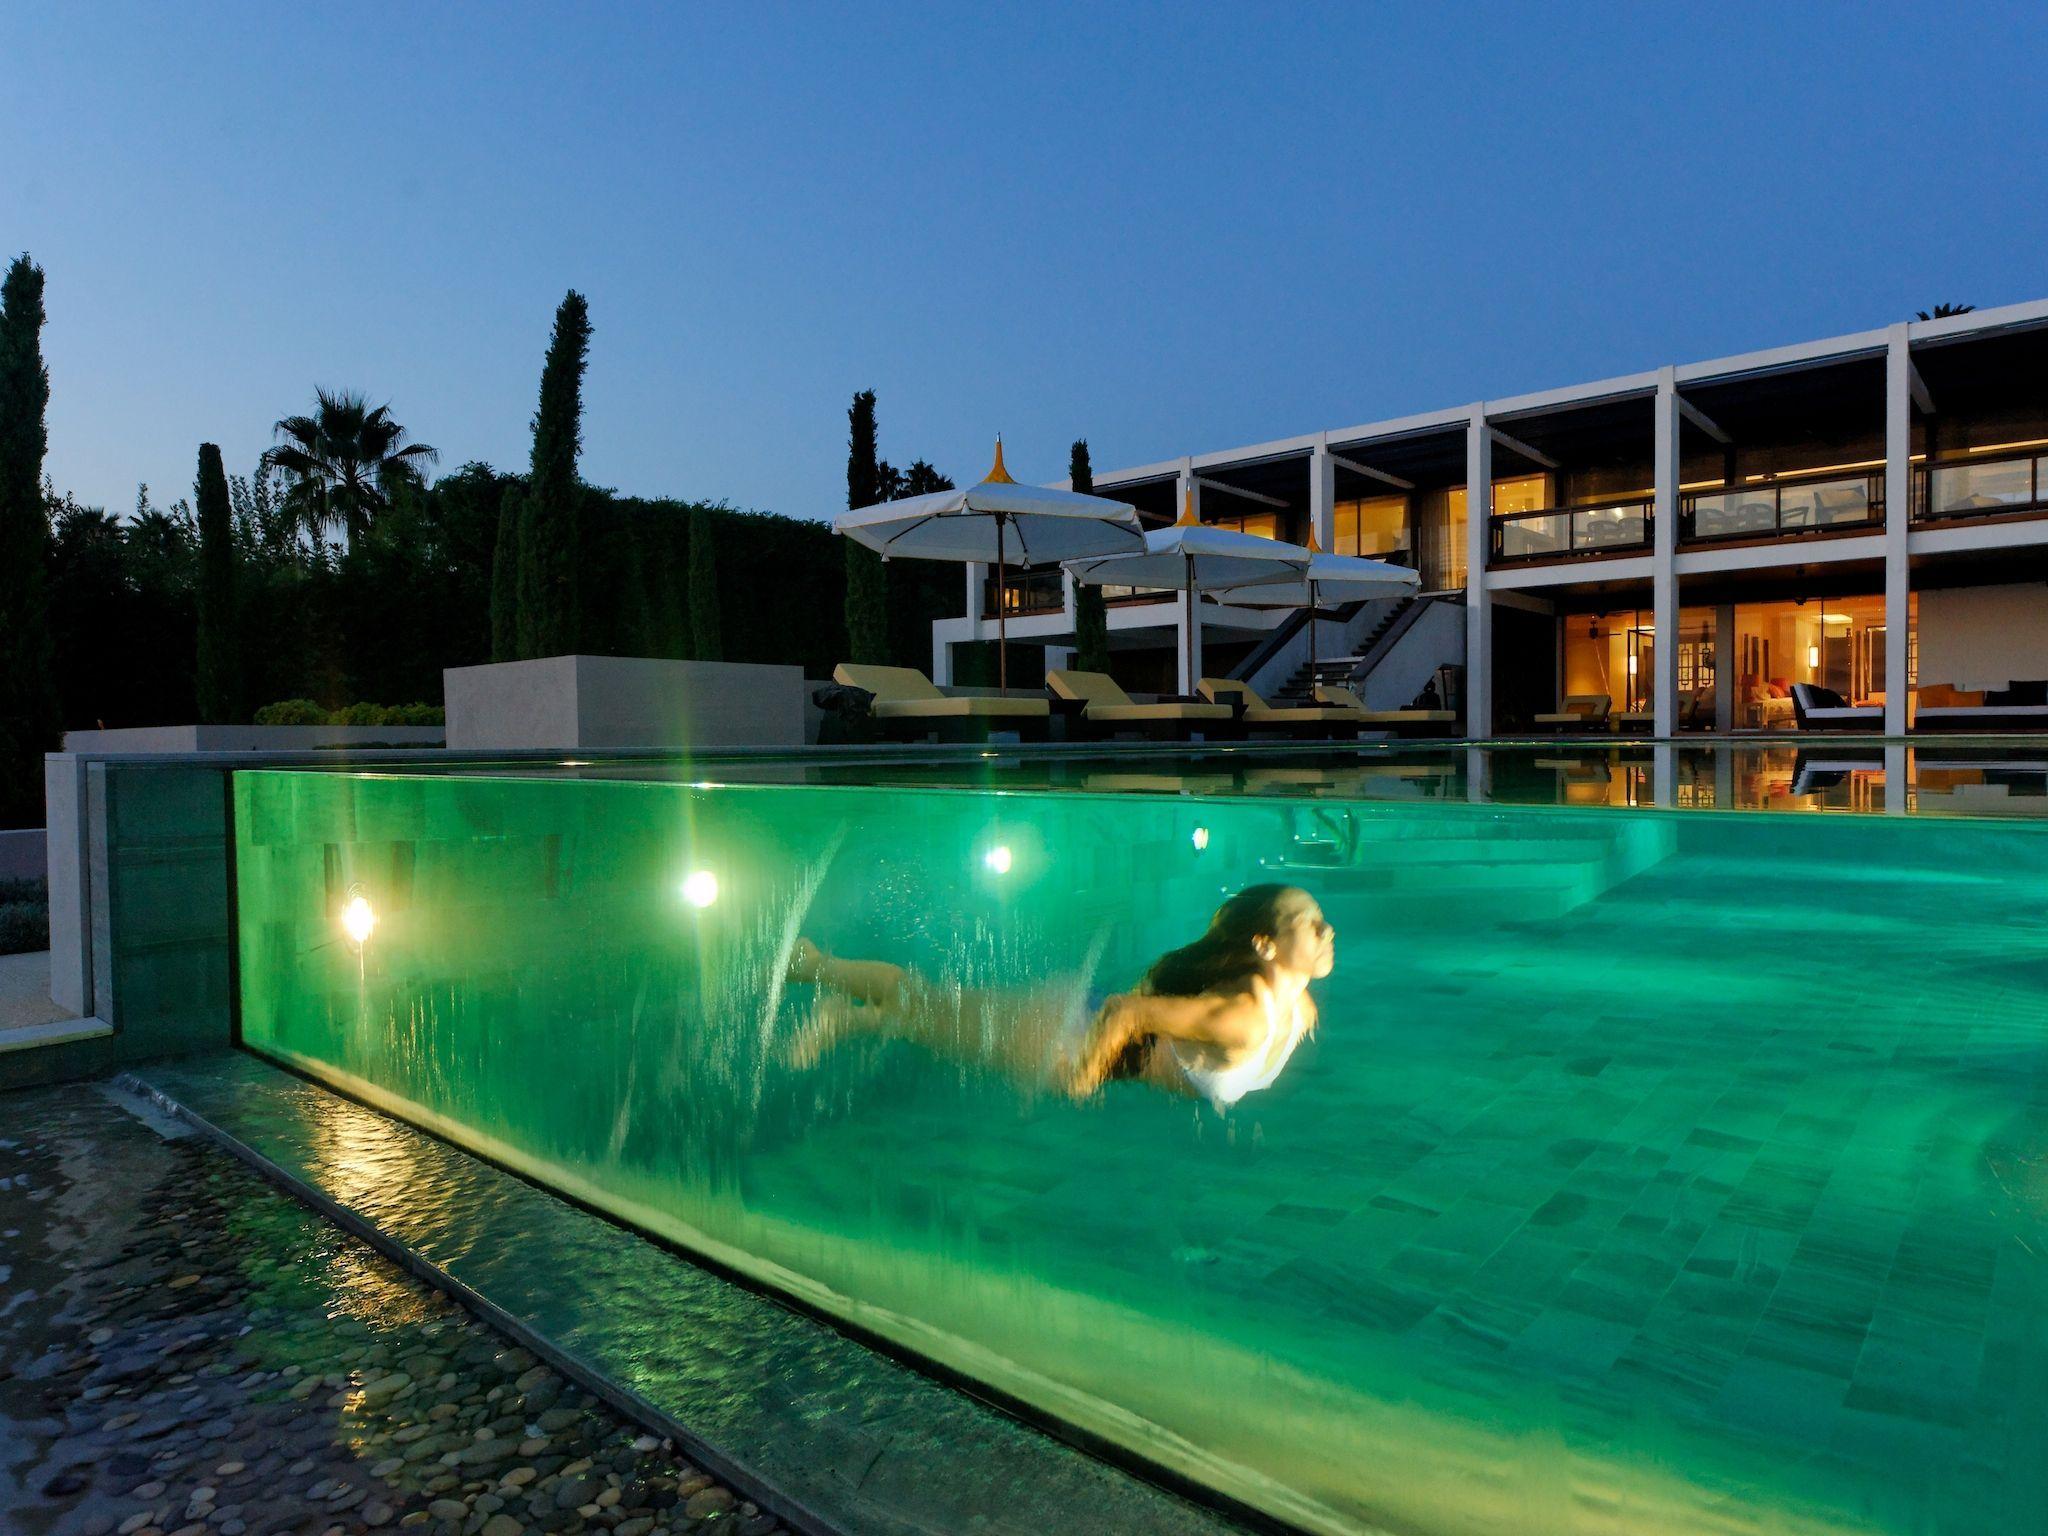 L'esprit design par l'esprit piscine 17 x 6,1 m Revêtement